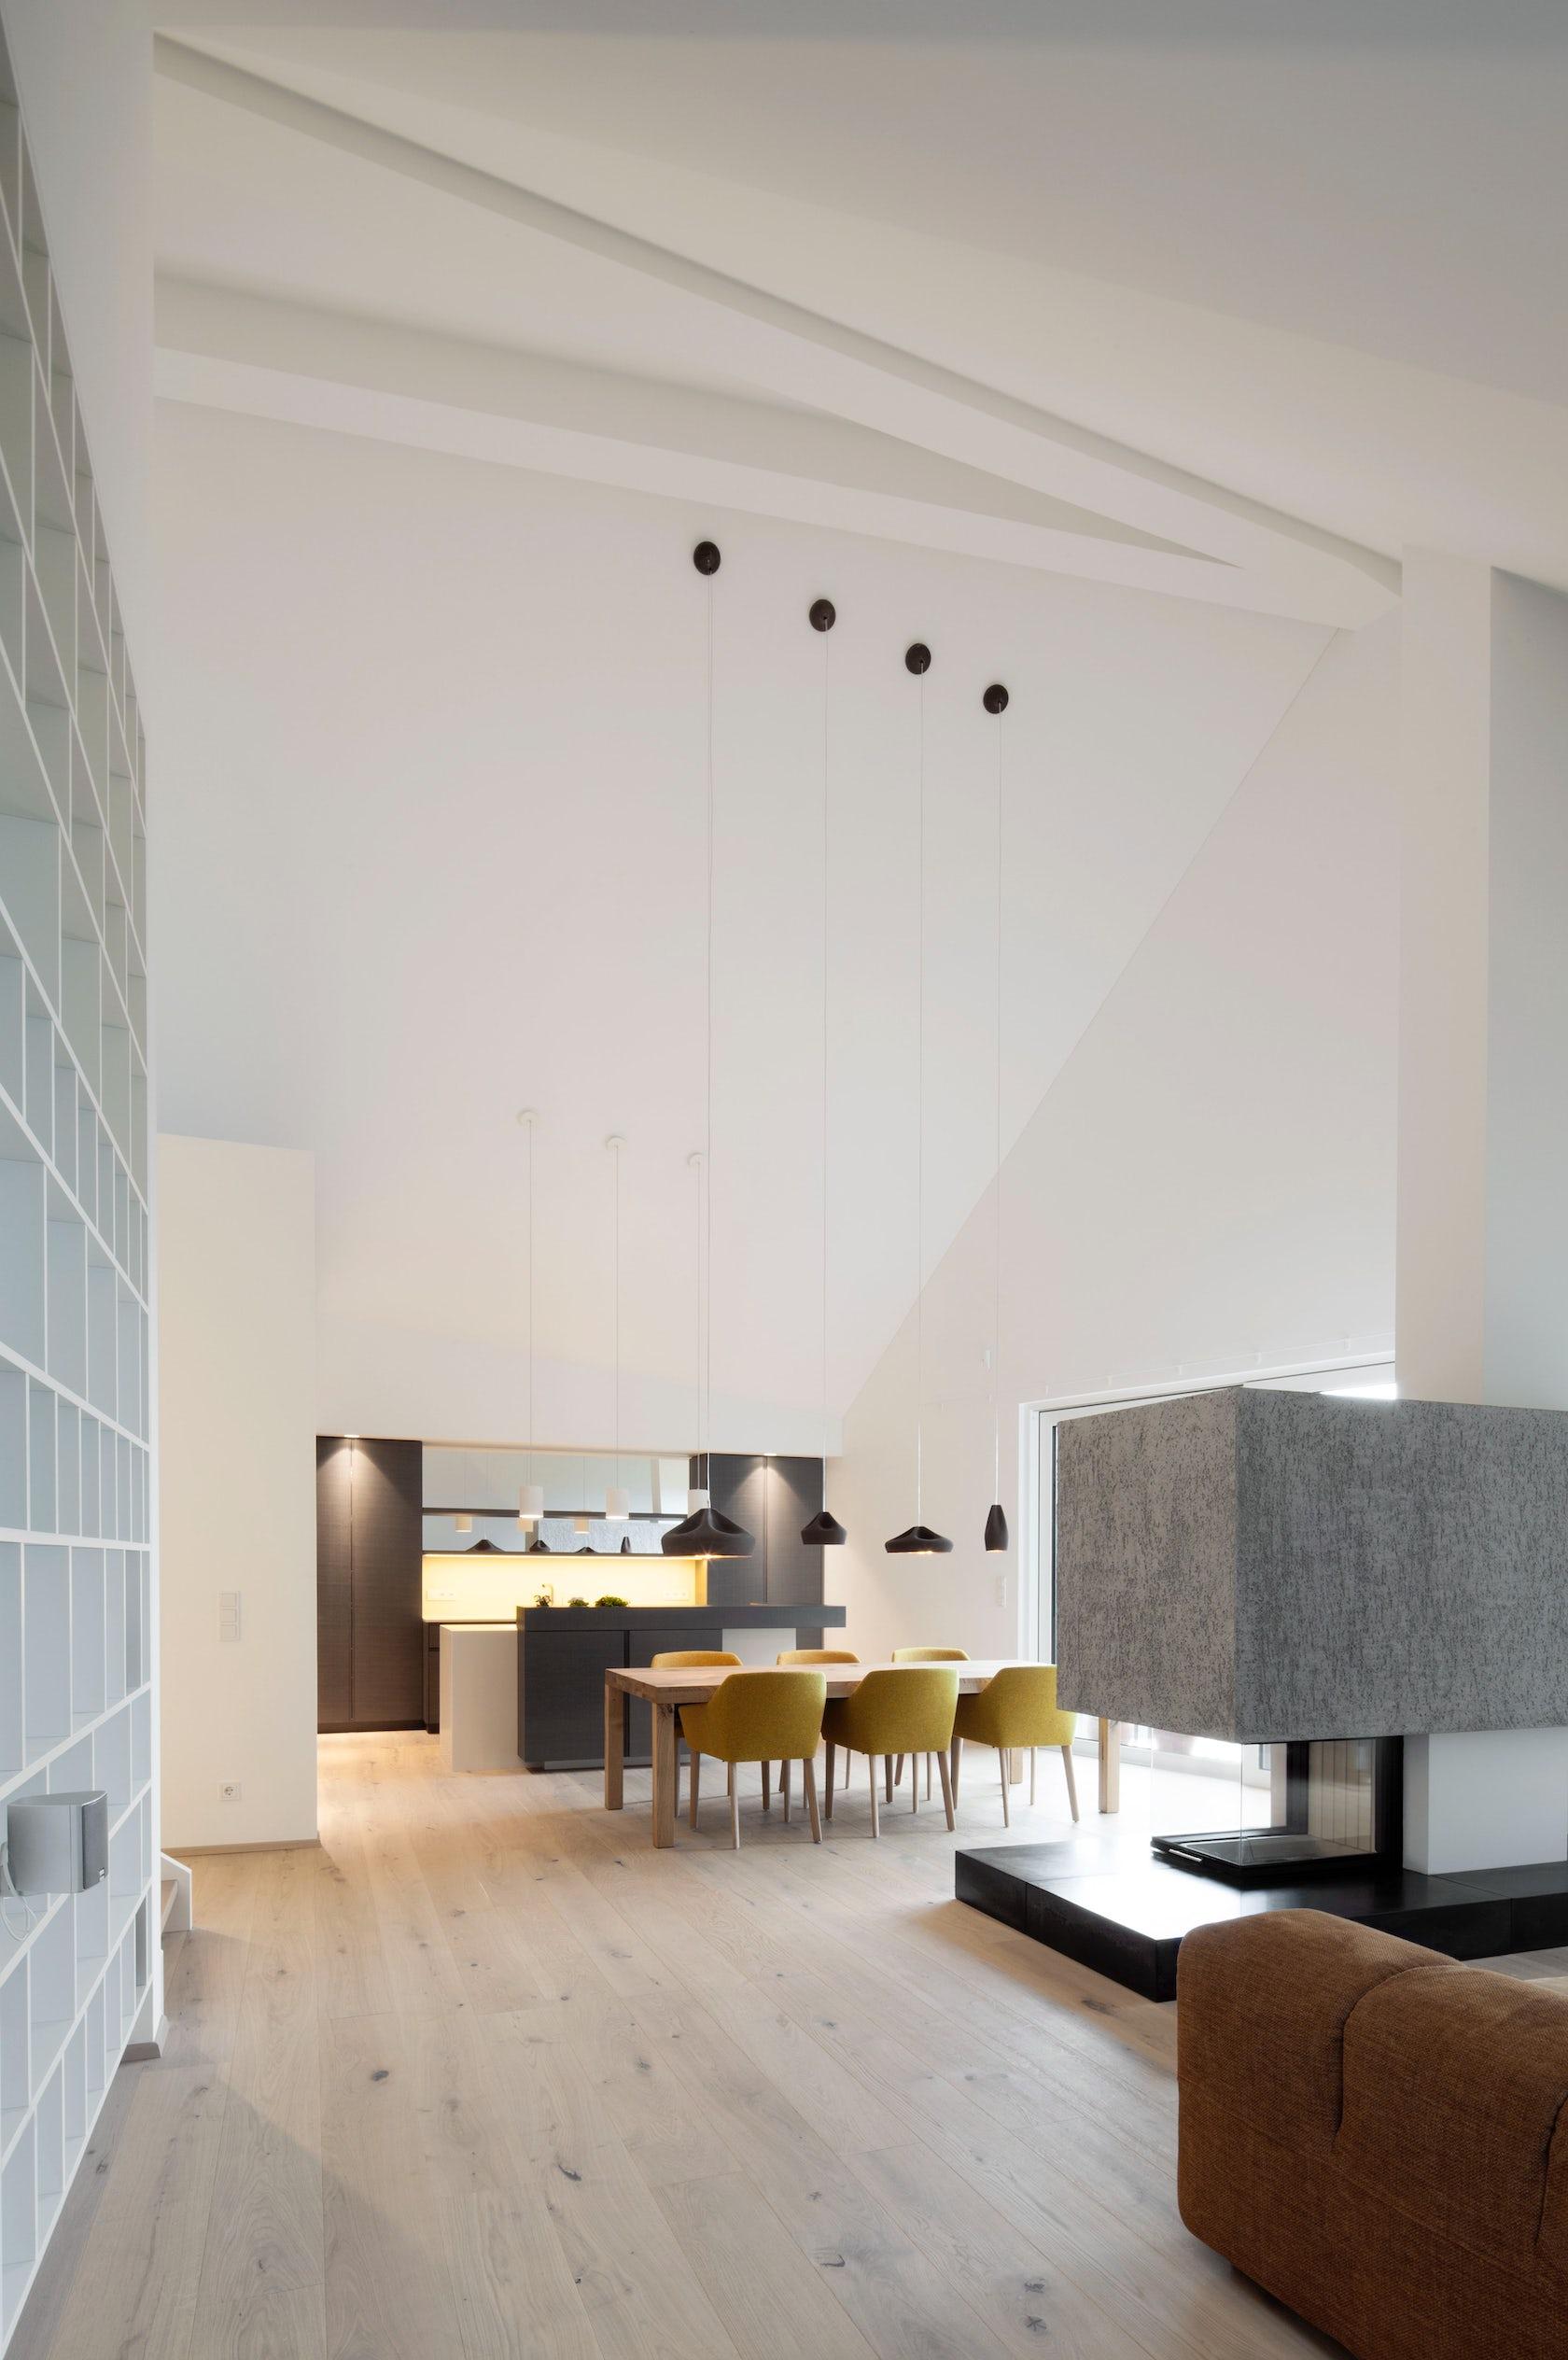 Penthouse B on Architizer